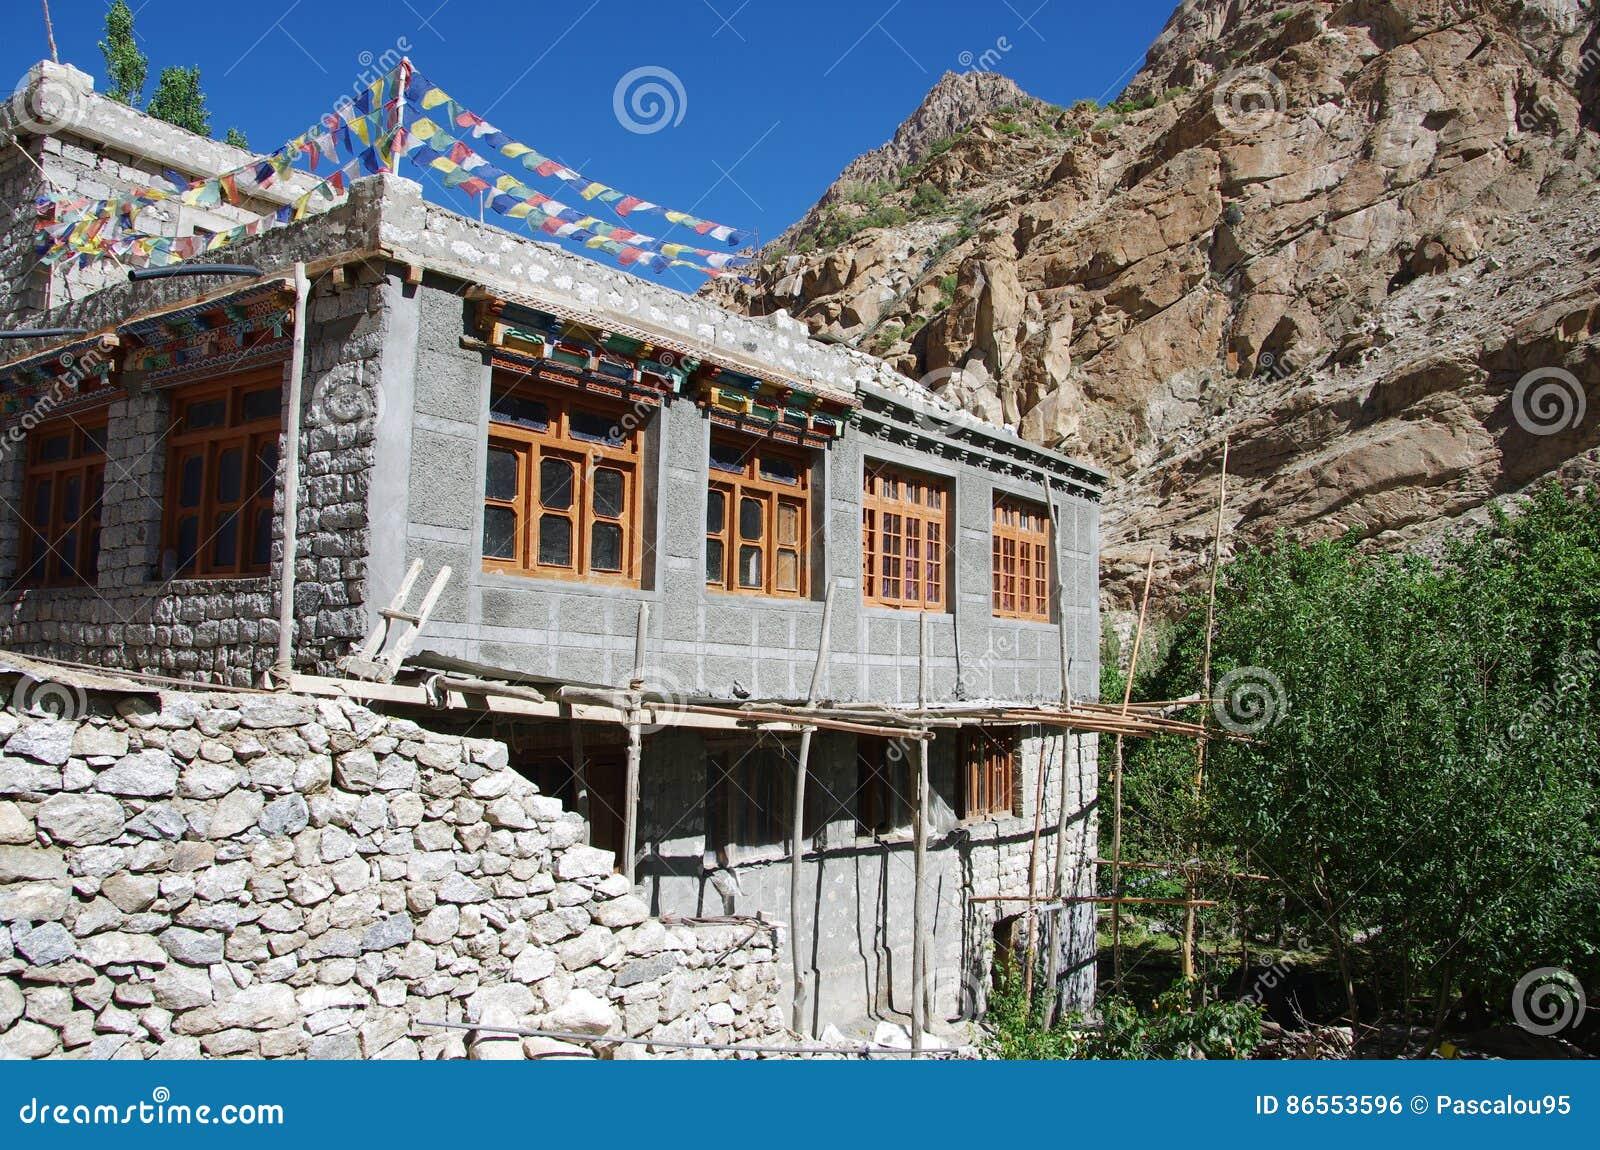 Casa tradizionale in ladakh india fotografia stock for Casa tradizionale mogoro